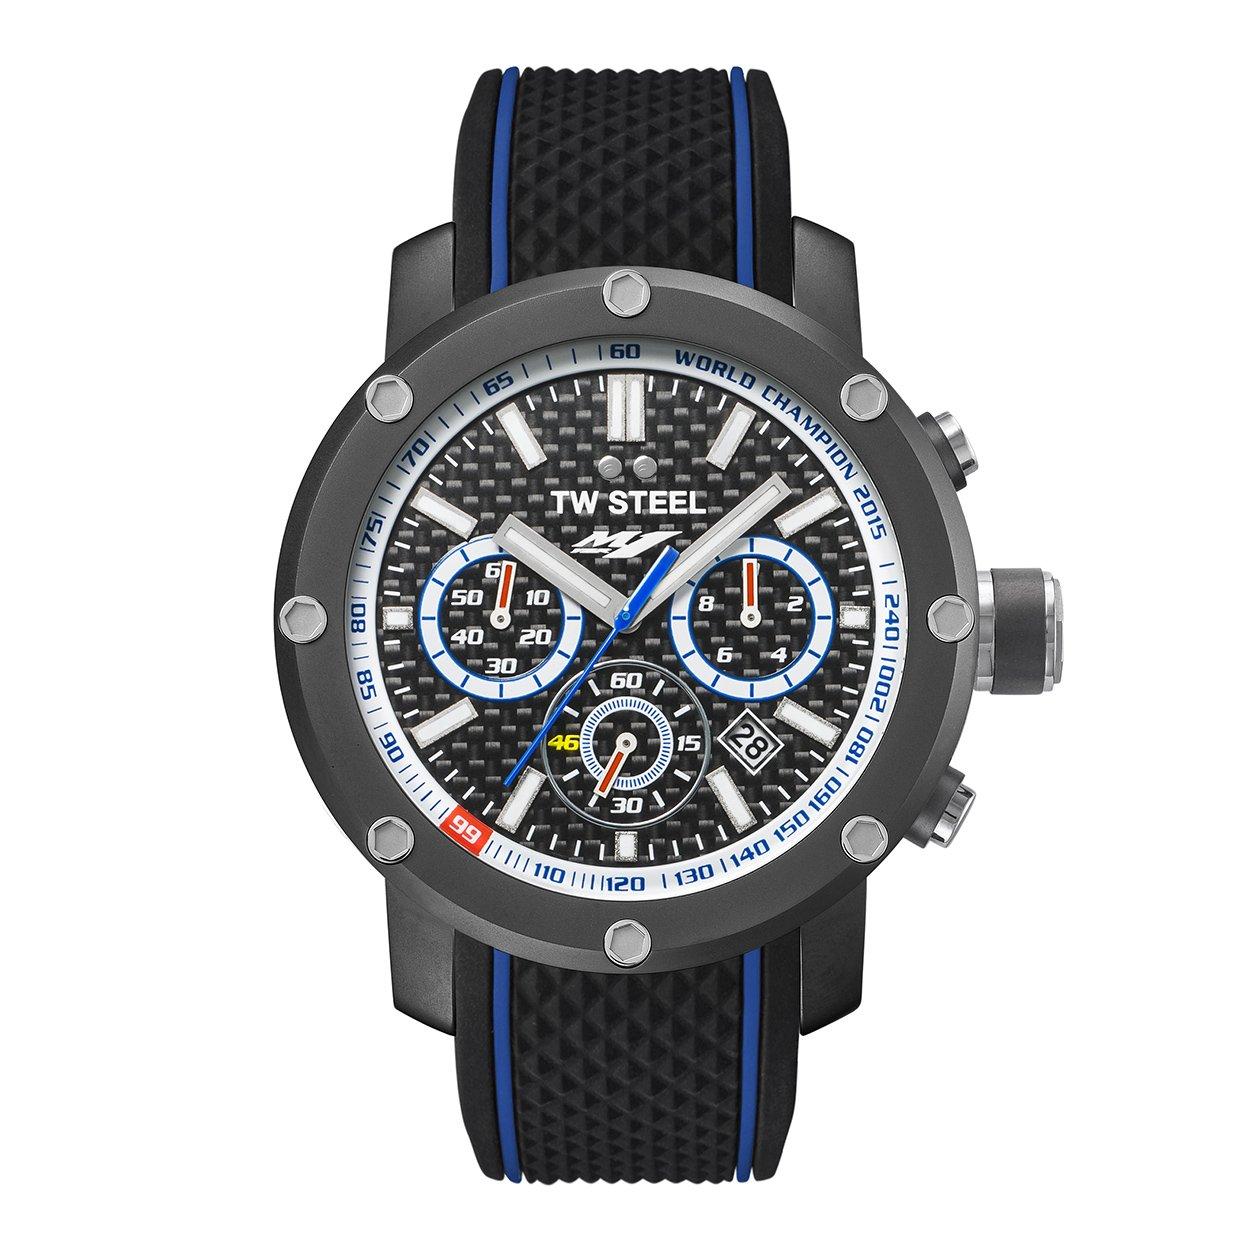 TW Steel Reloj Cronógrafo para Hombre de Cuarzo con Correa en Silicona TS7: Amazon.es: Relojes